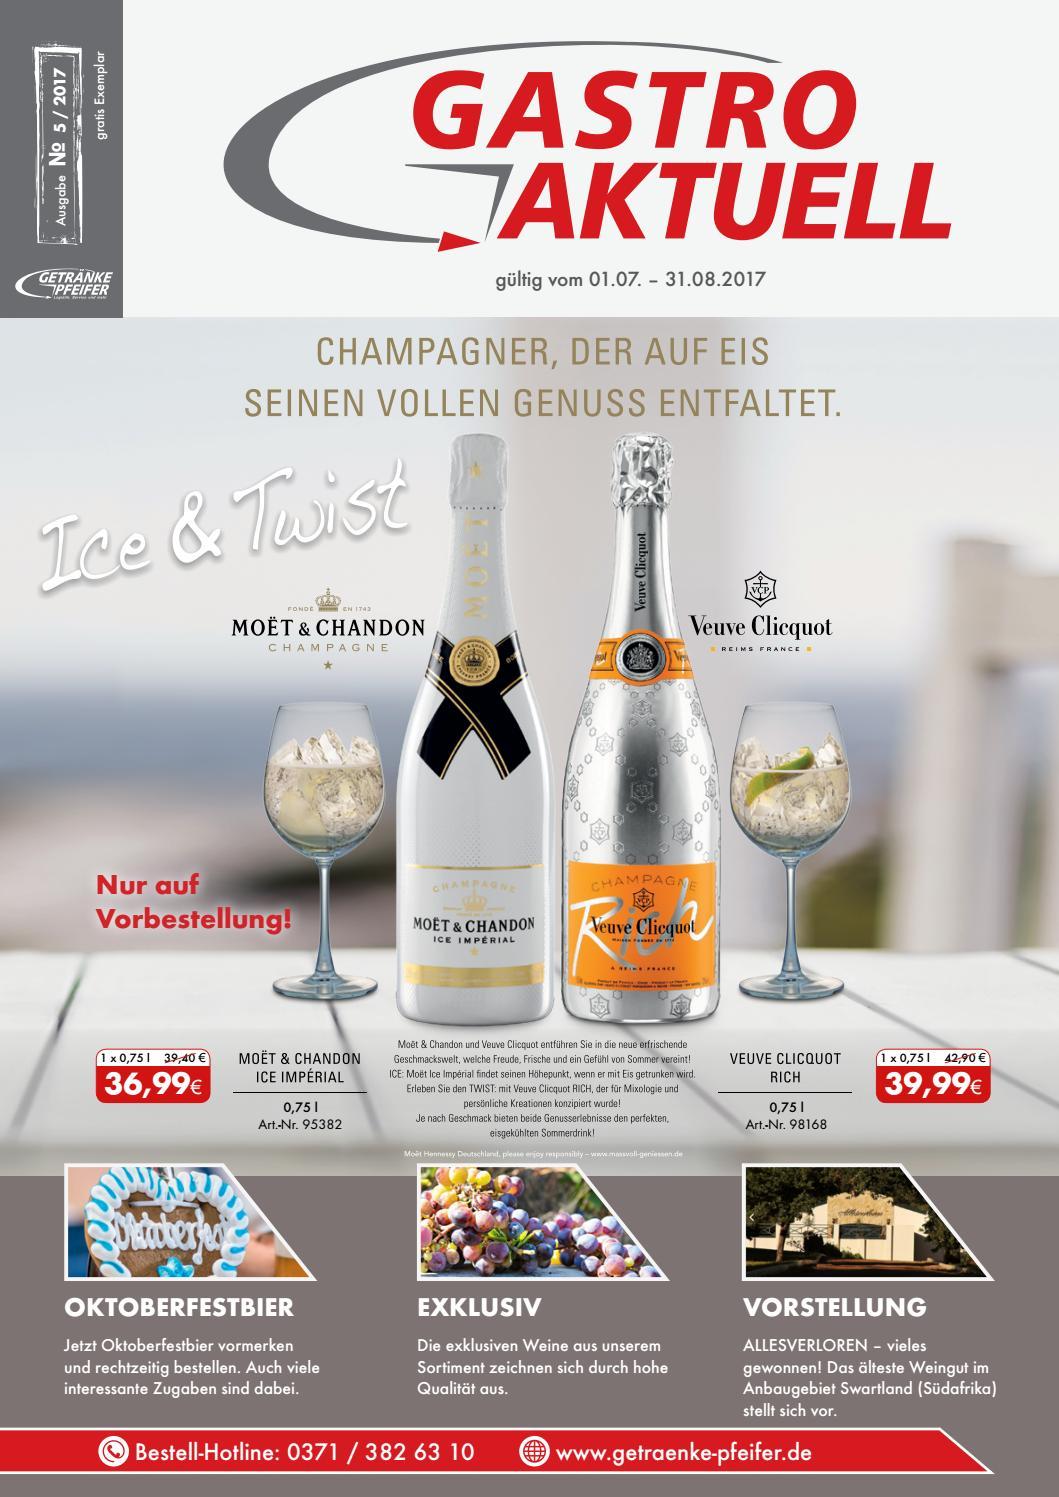 Gastro Aktuell - Ausgabe 5 / 2017 by Getränke Pfeifer GmbH - issuu